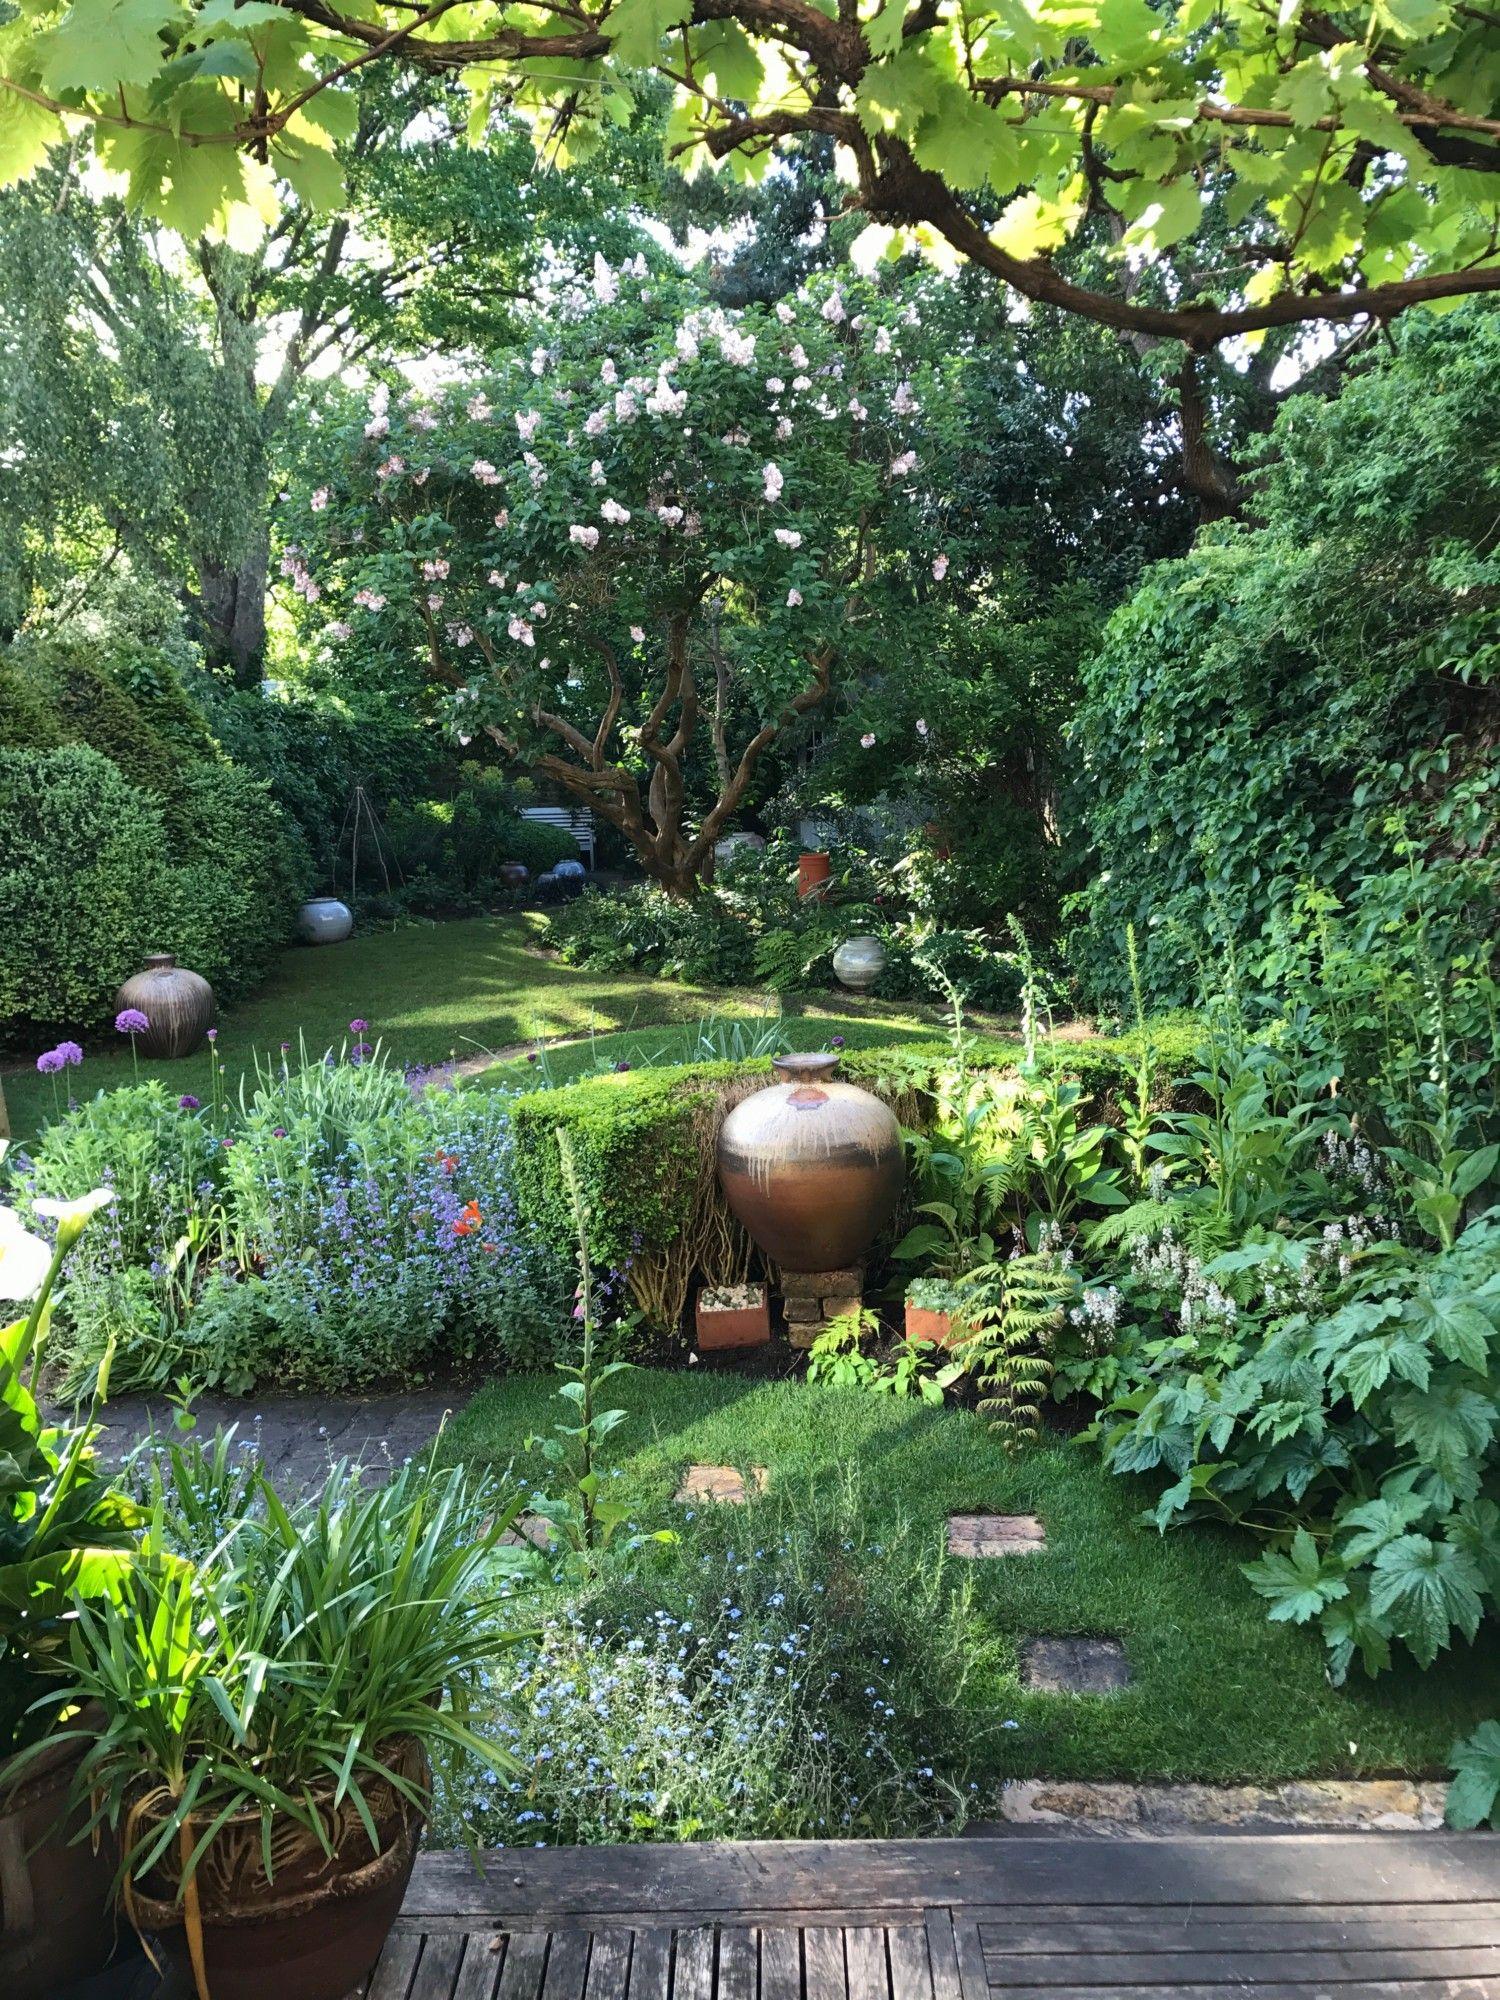 Pin By Jane Tandy Garden Design On Garden Art Sculpture Most Beautiful Gardens Beautiful Gardens Garden Art Sculptures